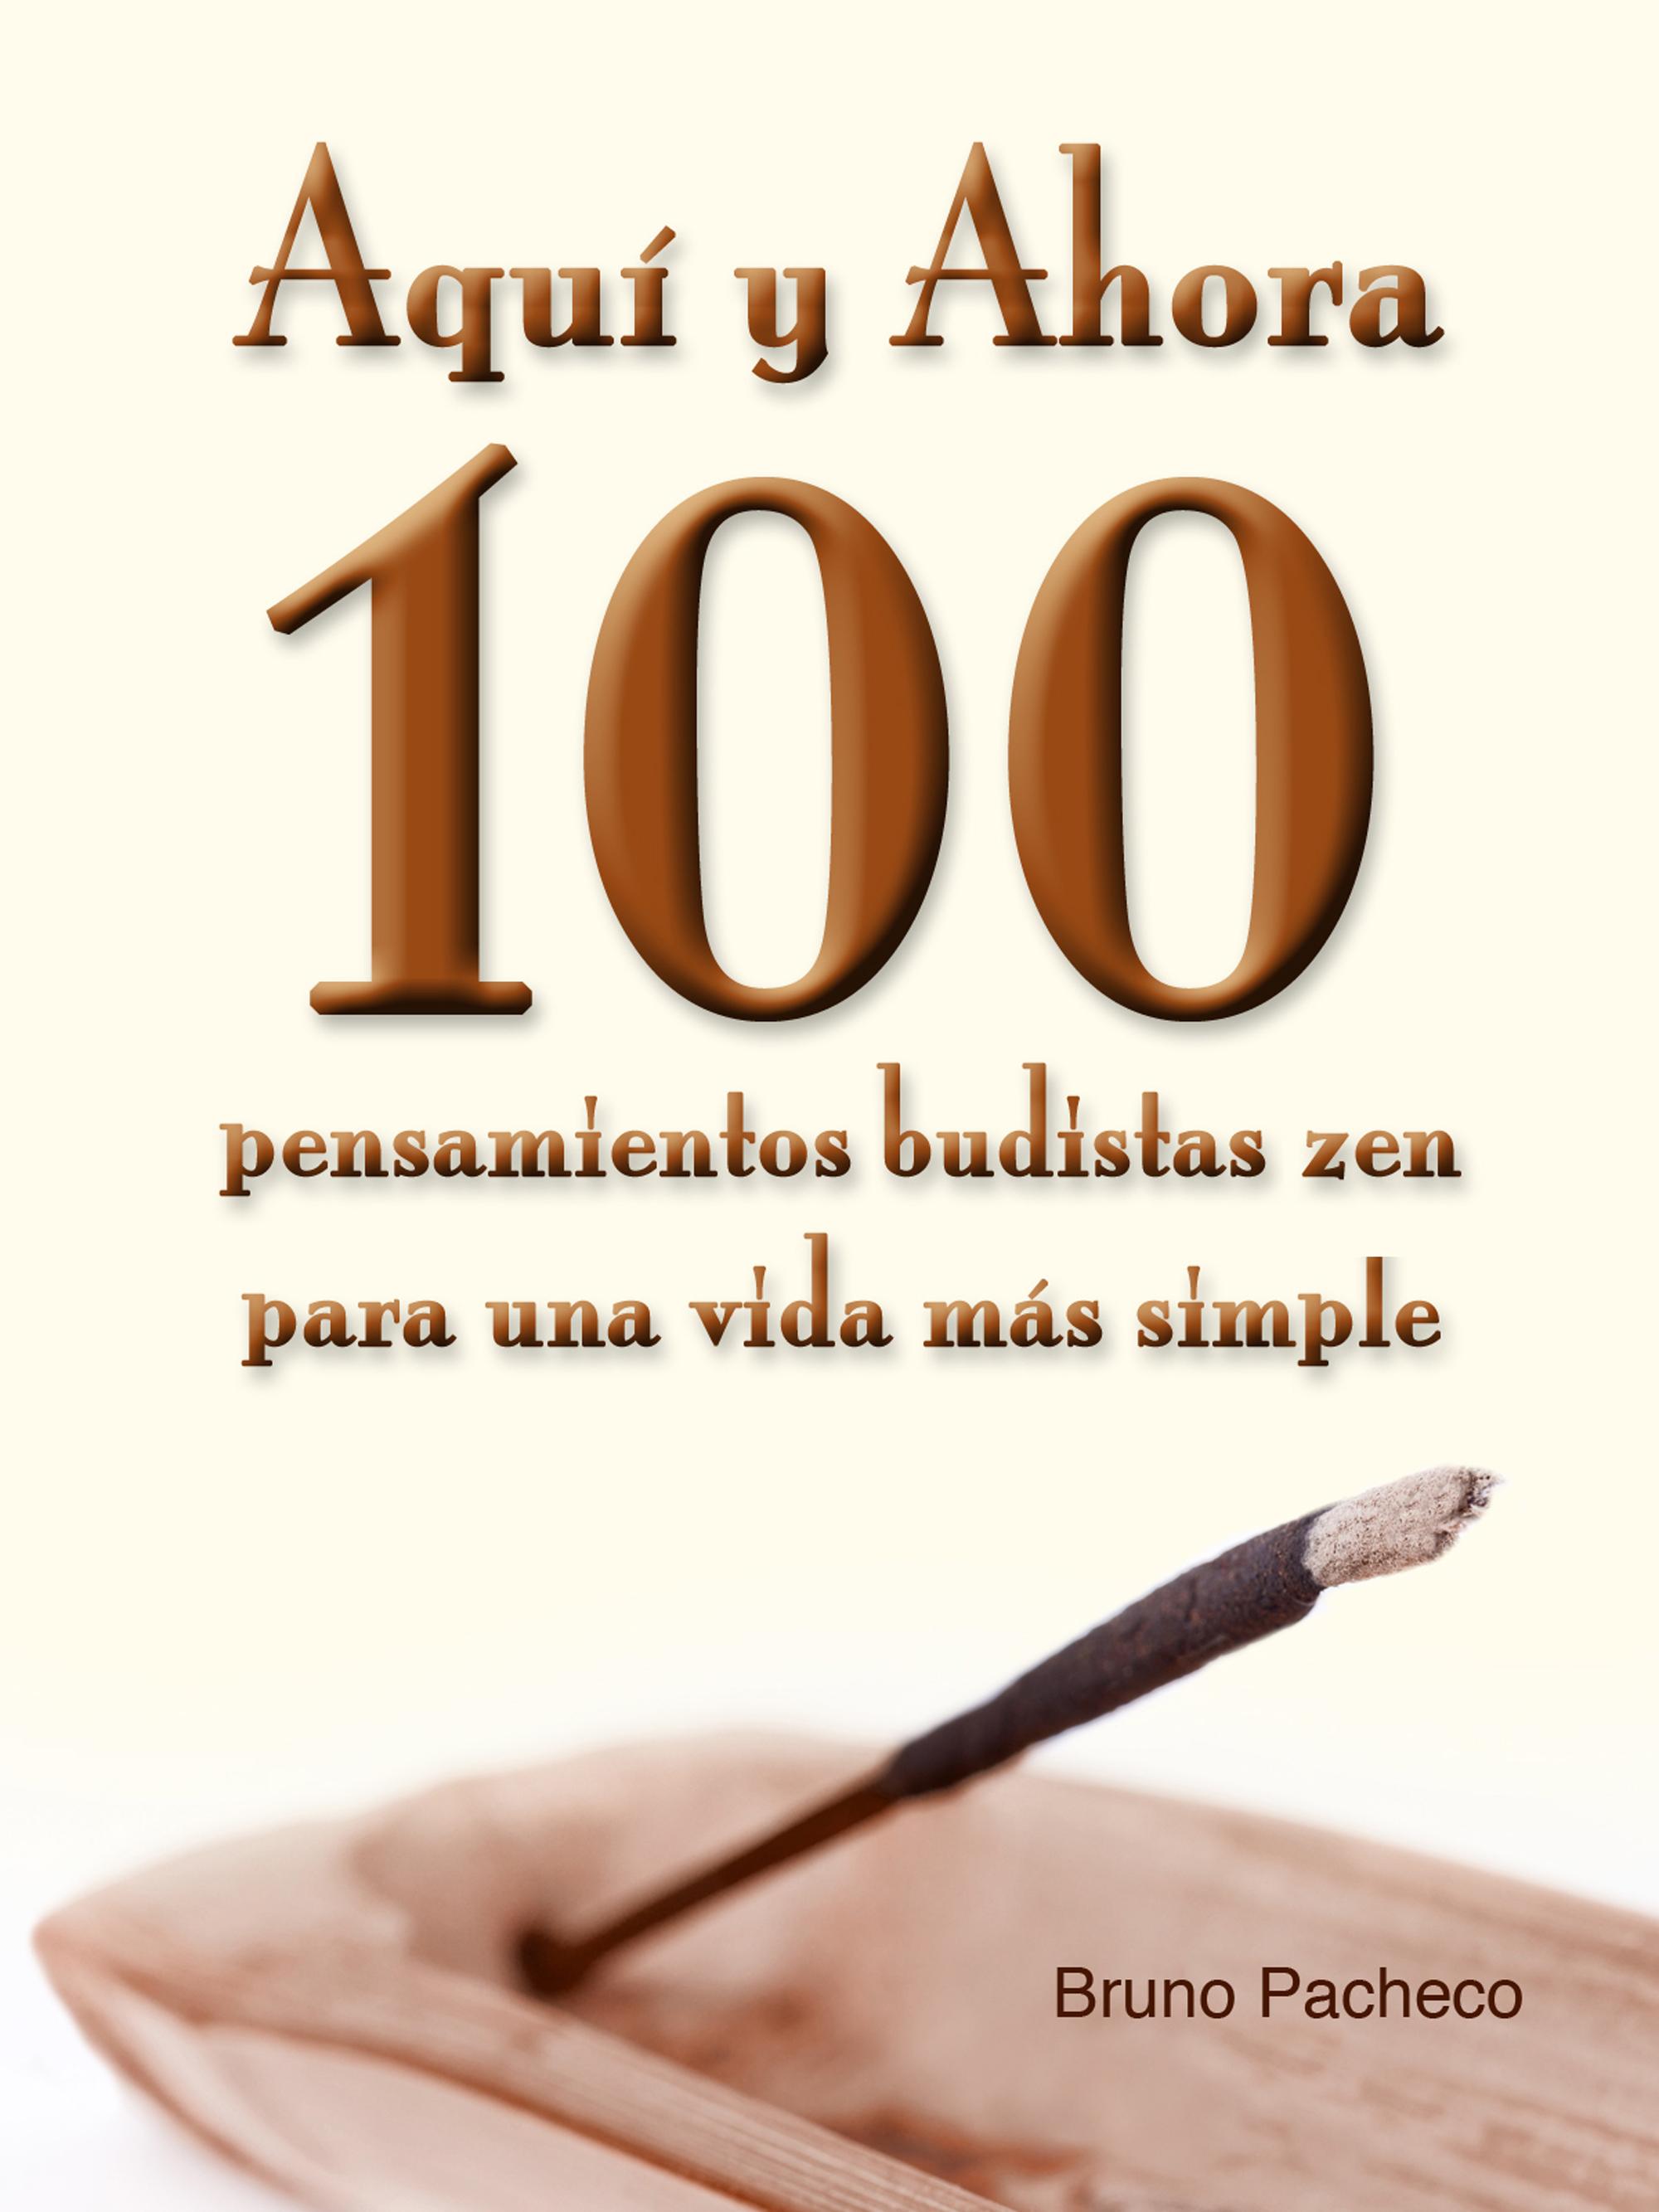 Bruno Pacheco - Aquí y ahora - 100 pensamientos budistas zen para una vida más simple